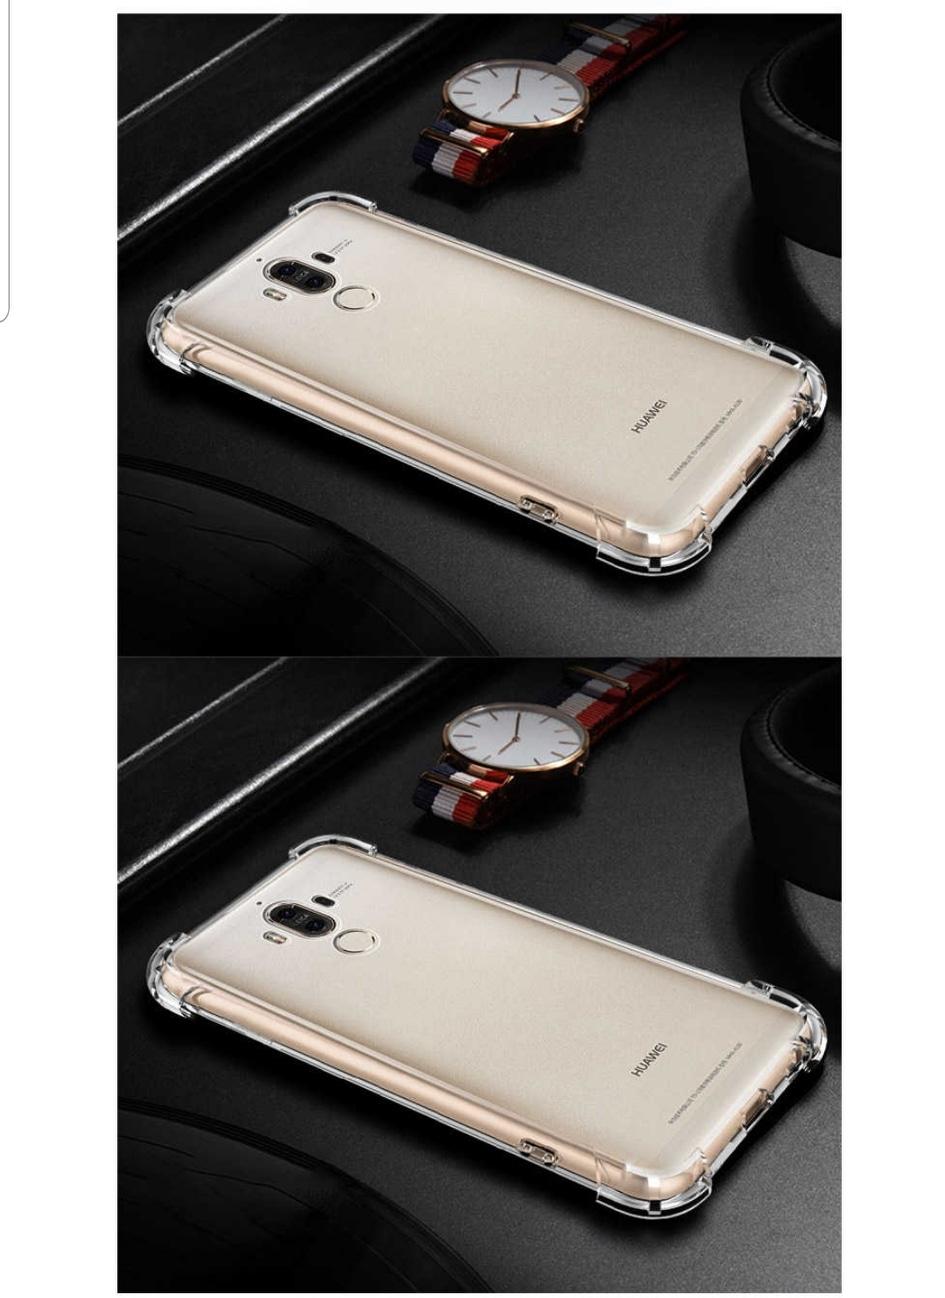 갤럭시S10 S9 S8 노트8 노트9 투명범퍼케이스 판매